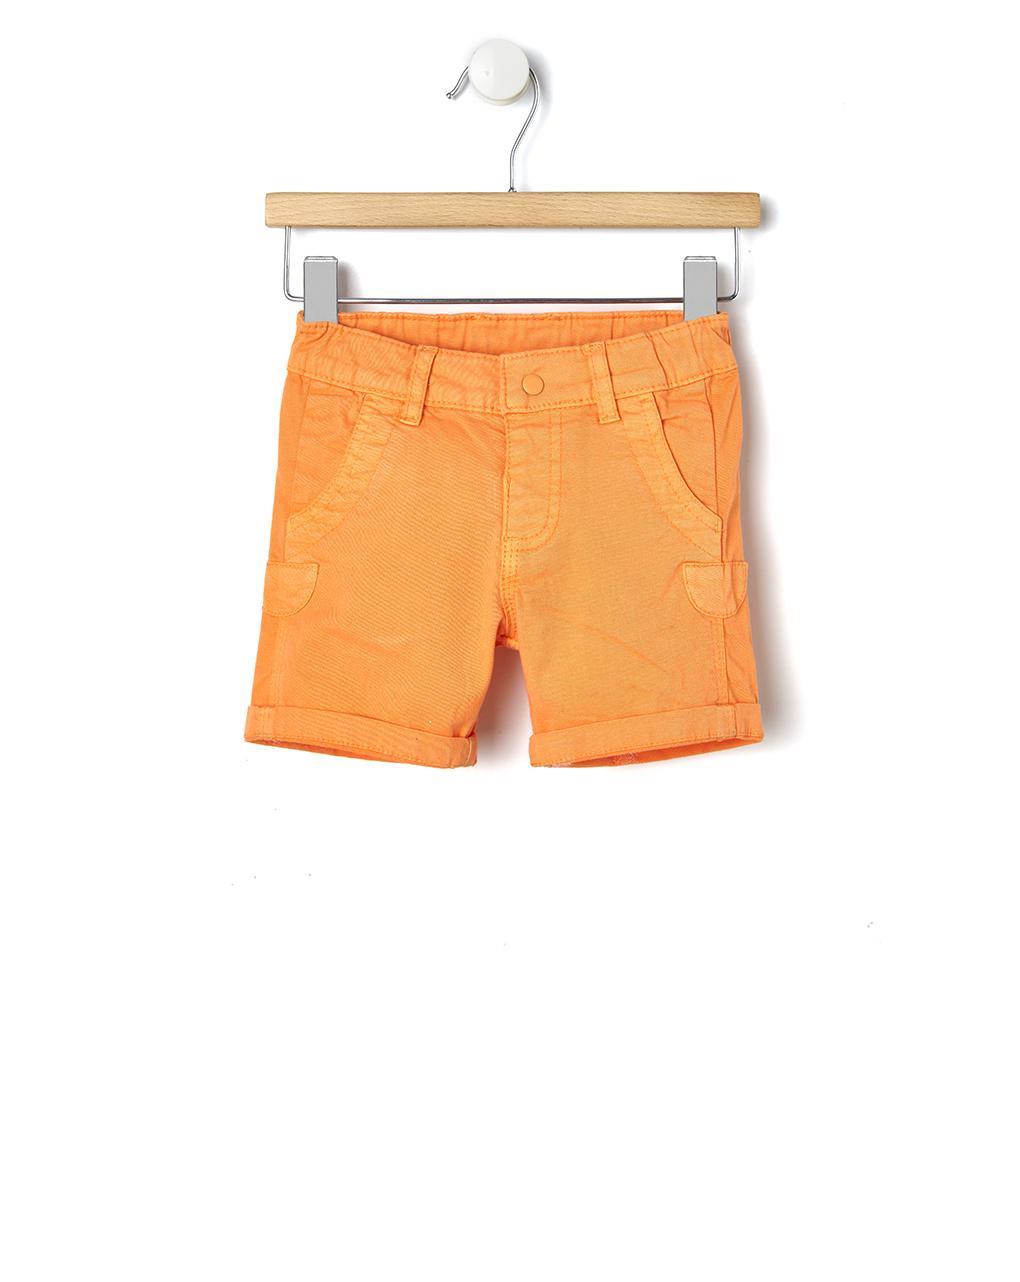 Βερμούδα Twill Πορτοκαλί με Ρεβέρ για Αγόρι